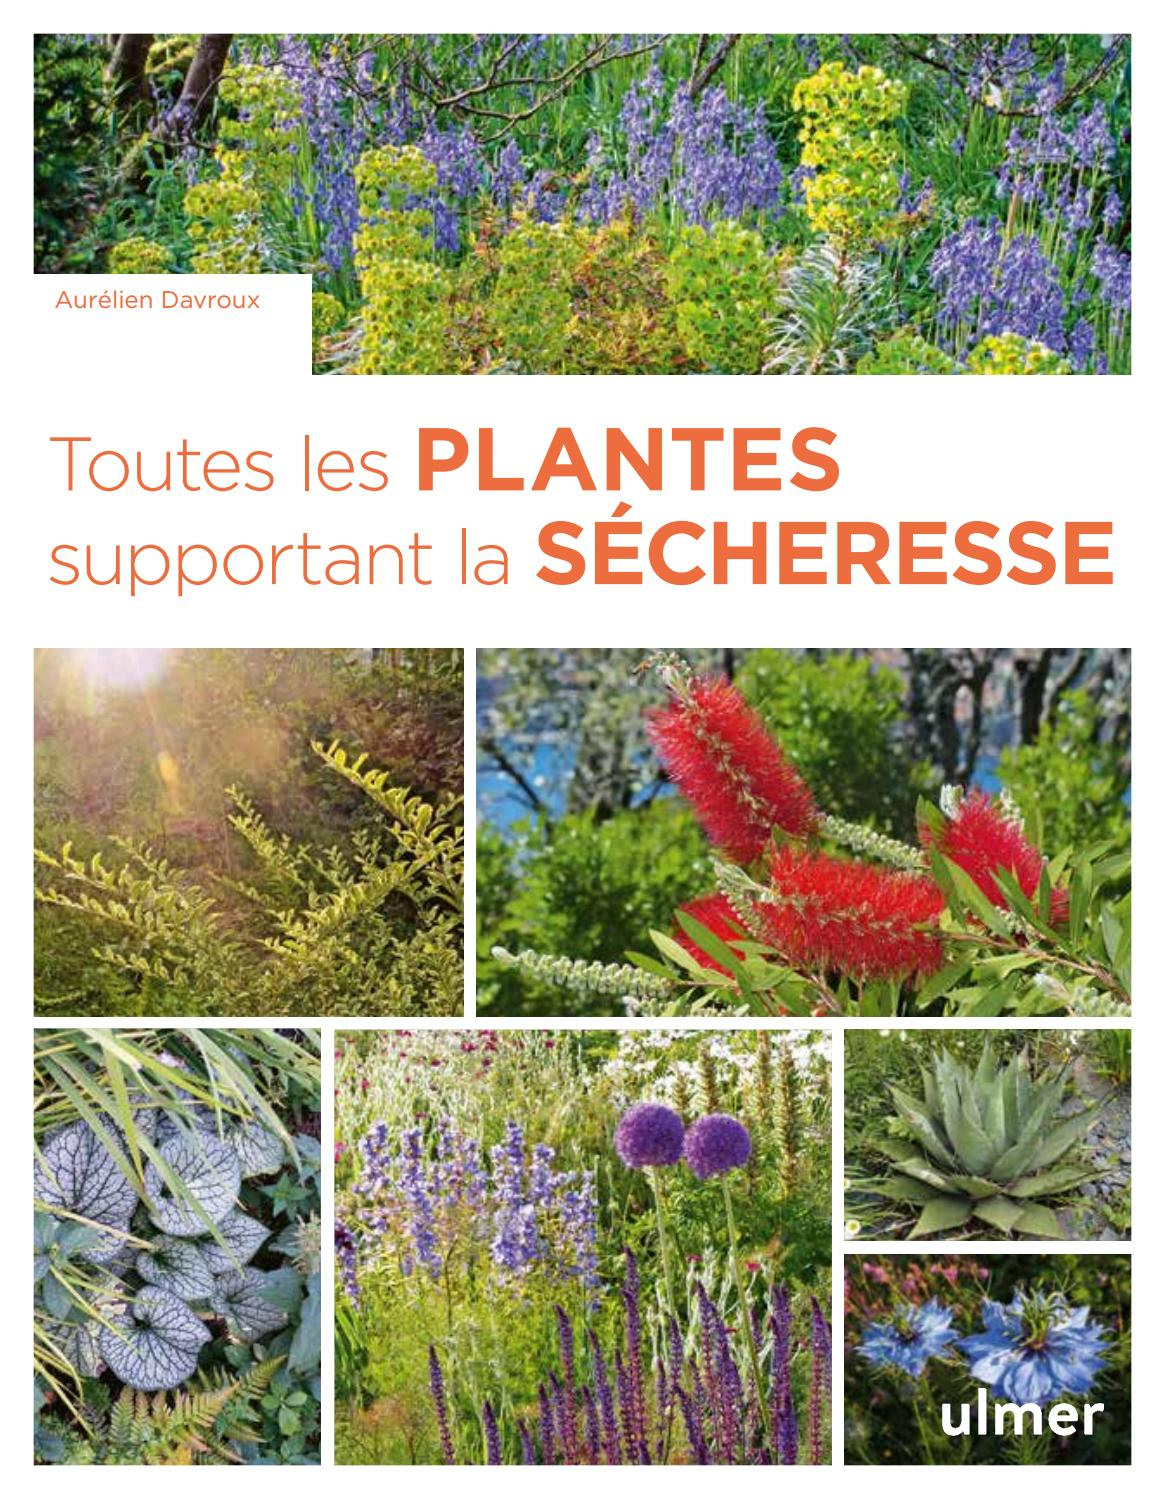 Plante Méditerranéenne Sans Arrosage extrait toutes les plantes supportant la sécheresse